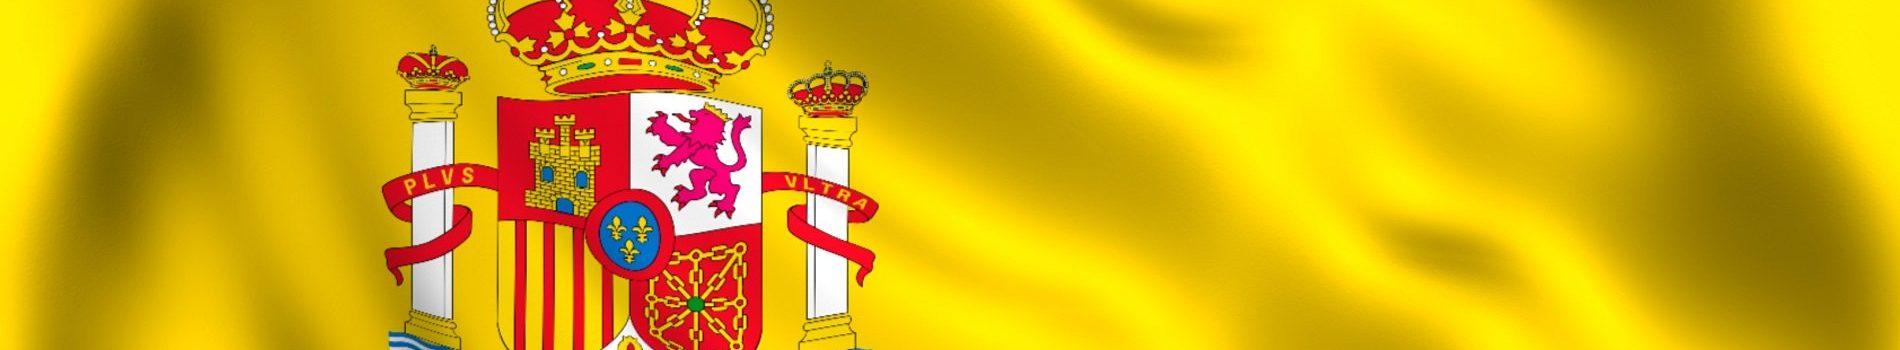 Classifica Musica spagnola – Maggio 2021